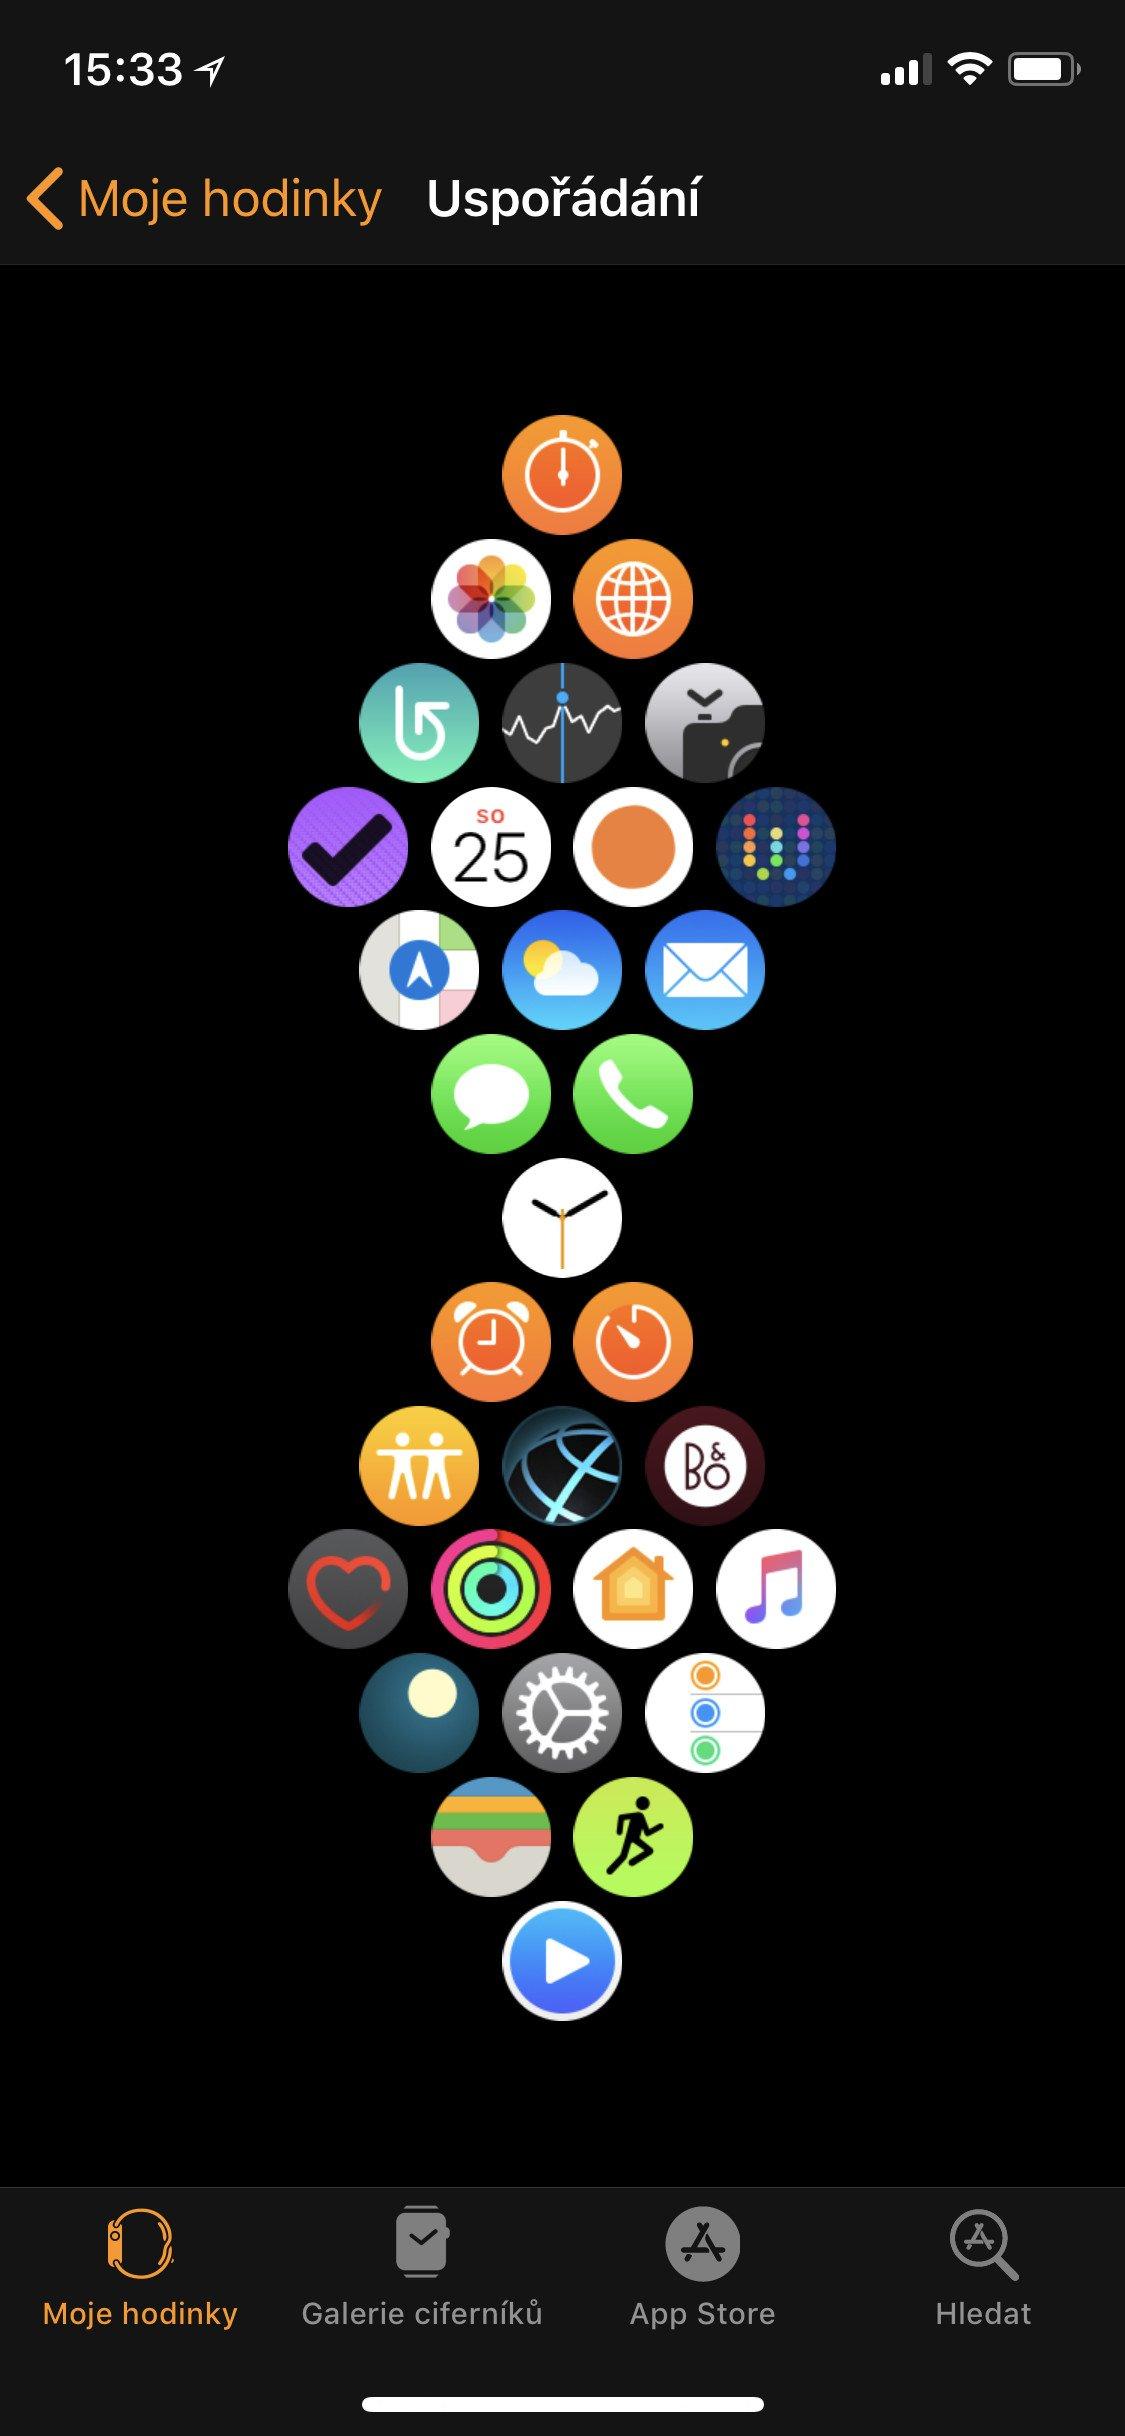 Obrazovka Uspořádání aplikací v aplikaci Watch